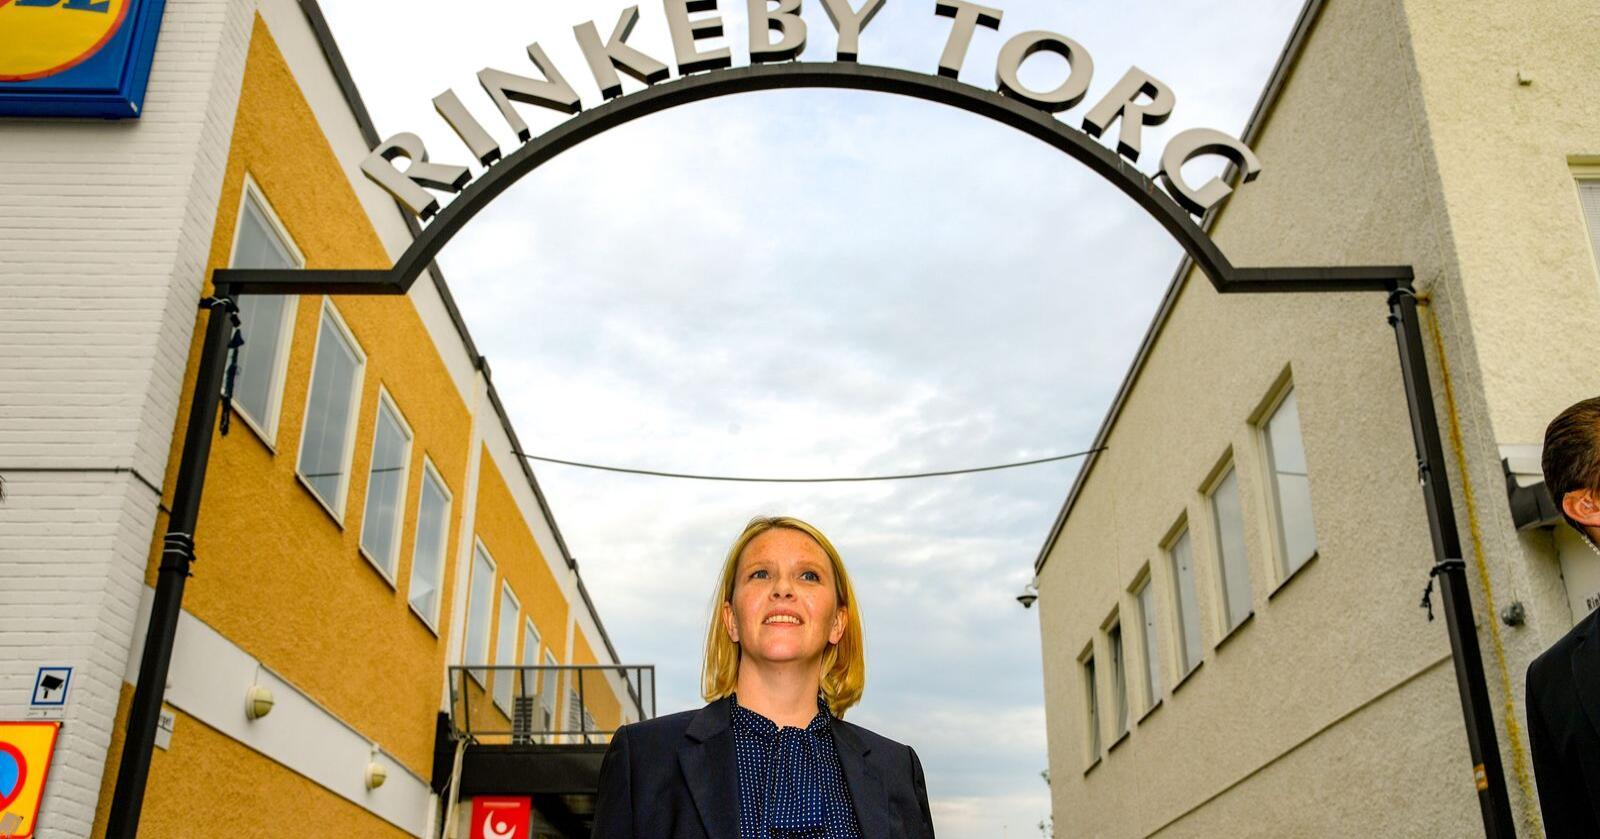 I august 2017 dro daværende innvandrings- og integeringsminister Sylvi Listhaug på tur til bydelen Rinkeby utenfor Stockholm. Bydelen var da blitt kjent i norske medier etter en rekke kritiske reportasjer om integreings-problemene som den innvandrerdominerte bydelen slet med. Foto: Anders Wiklund / TT / NTB